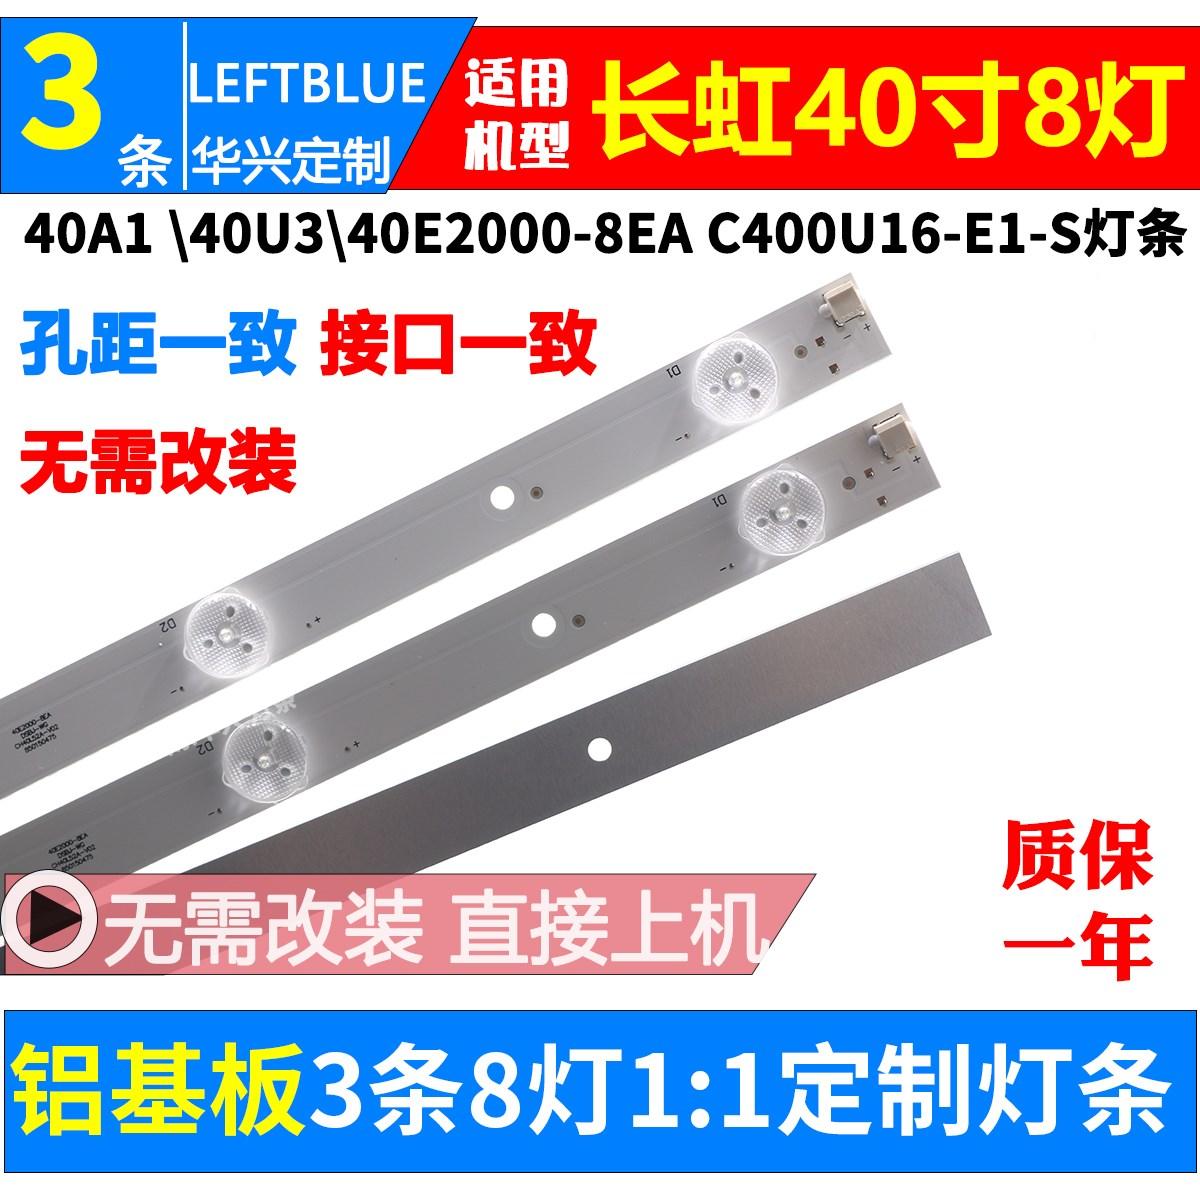 , new Changhong 40a1 / 40u3 / 40e2000-bea aluminum plate LCD backlight bar 3 pieces of 8 lamp aluminum plate lamp